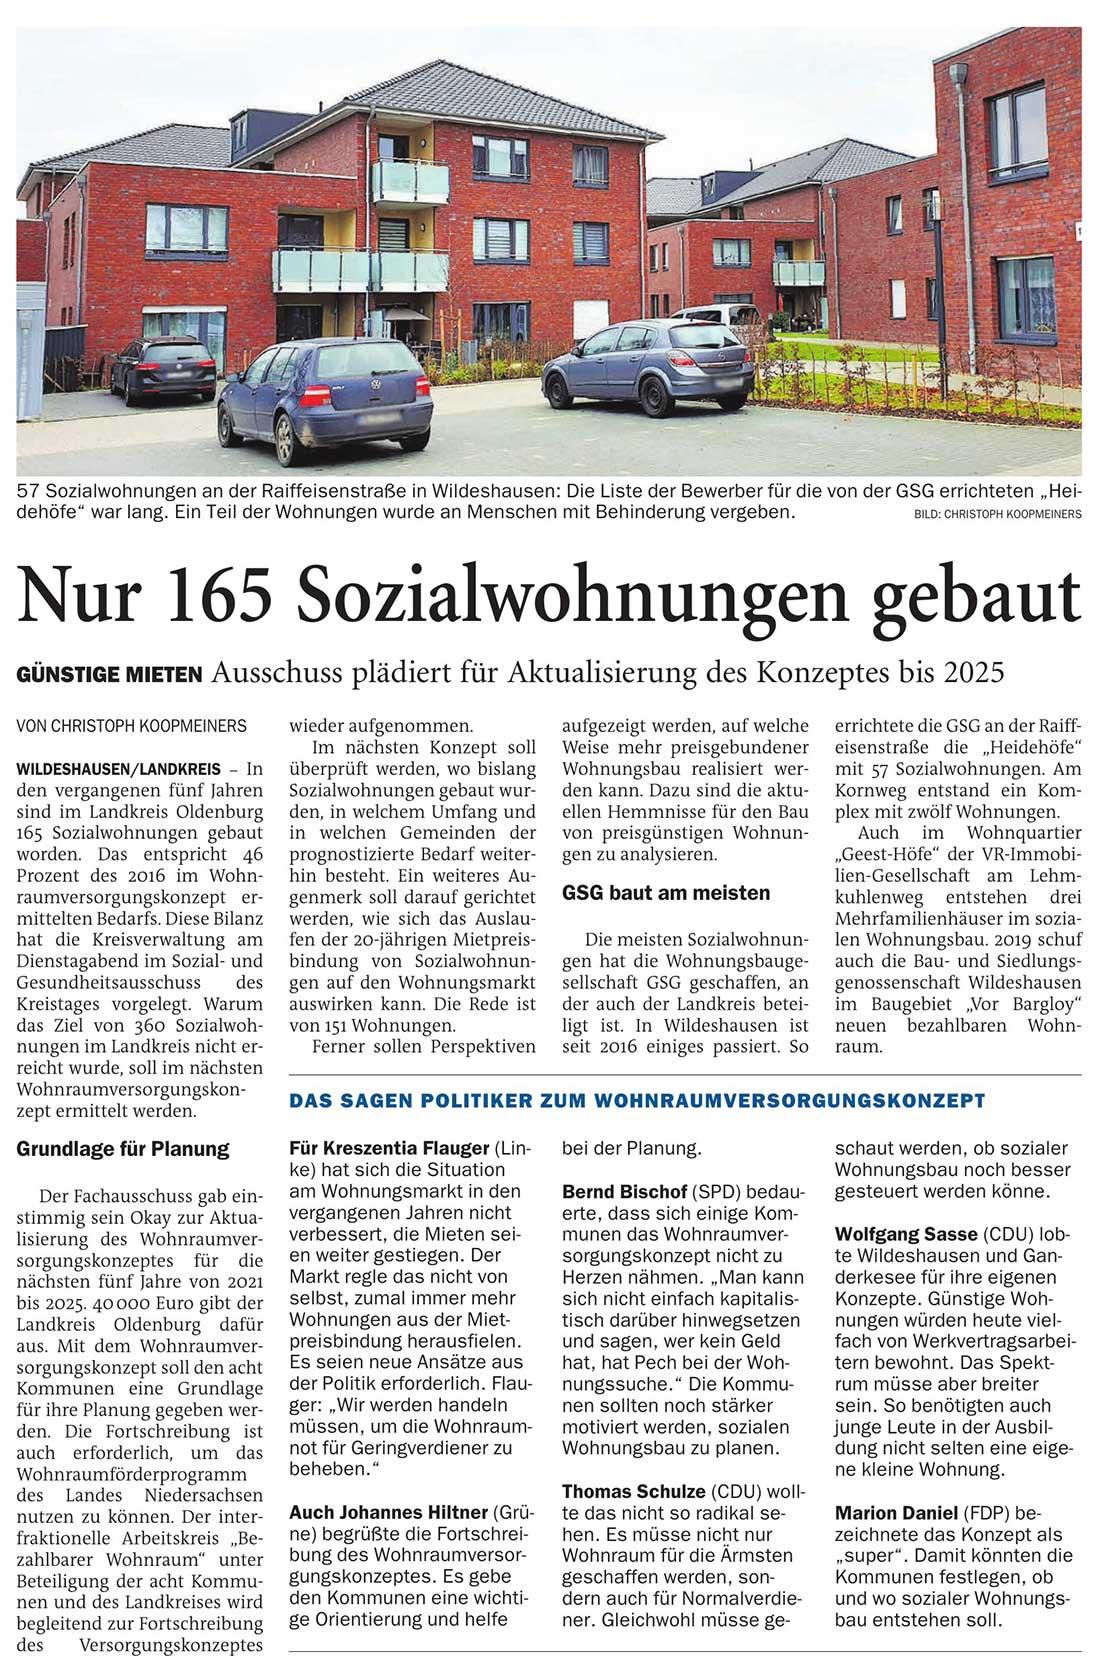 Nur 165 Sozialwohnungen gebautGünstige Mieten: Ausschuss plädiert für Aktualisierung des Konzeptes bis 2025Artikel vom 19.11.2020 (NWZ)